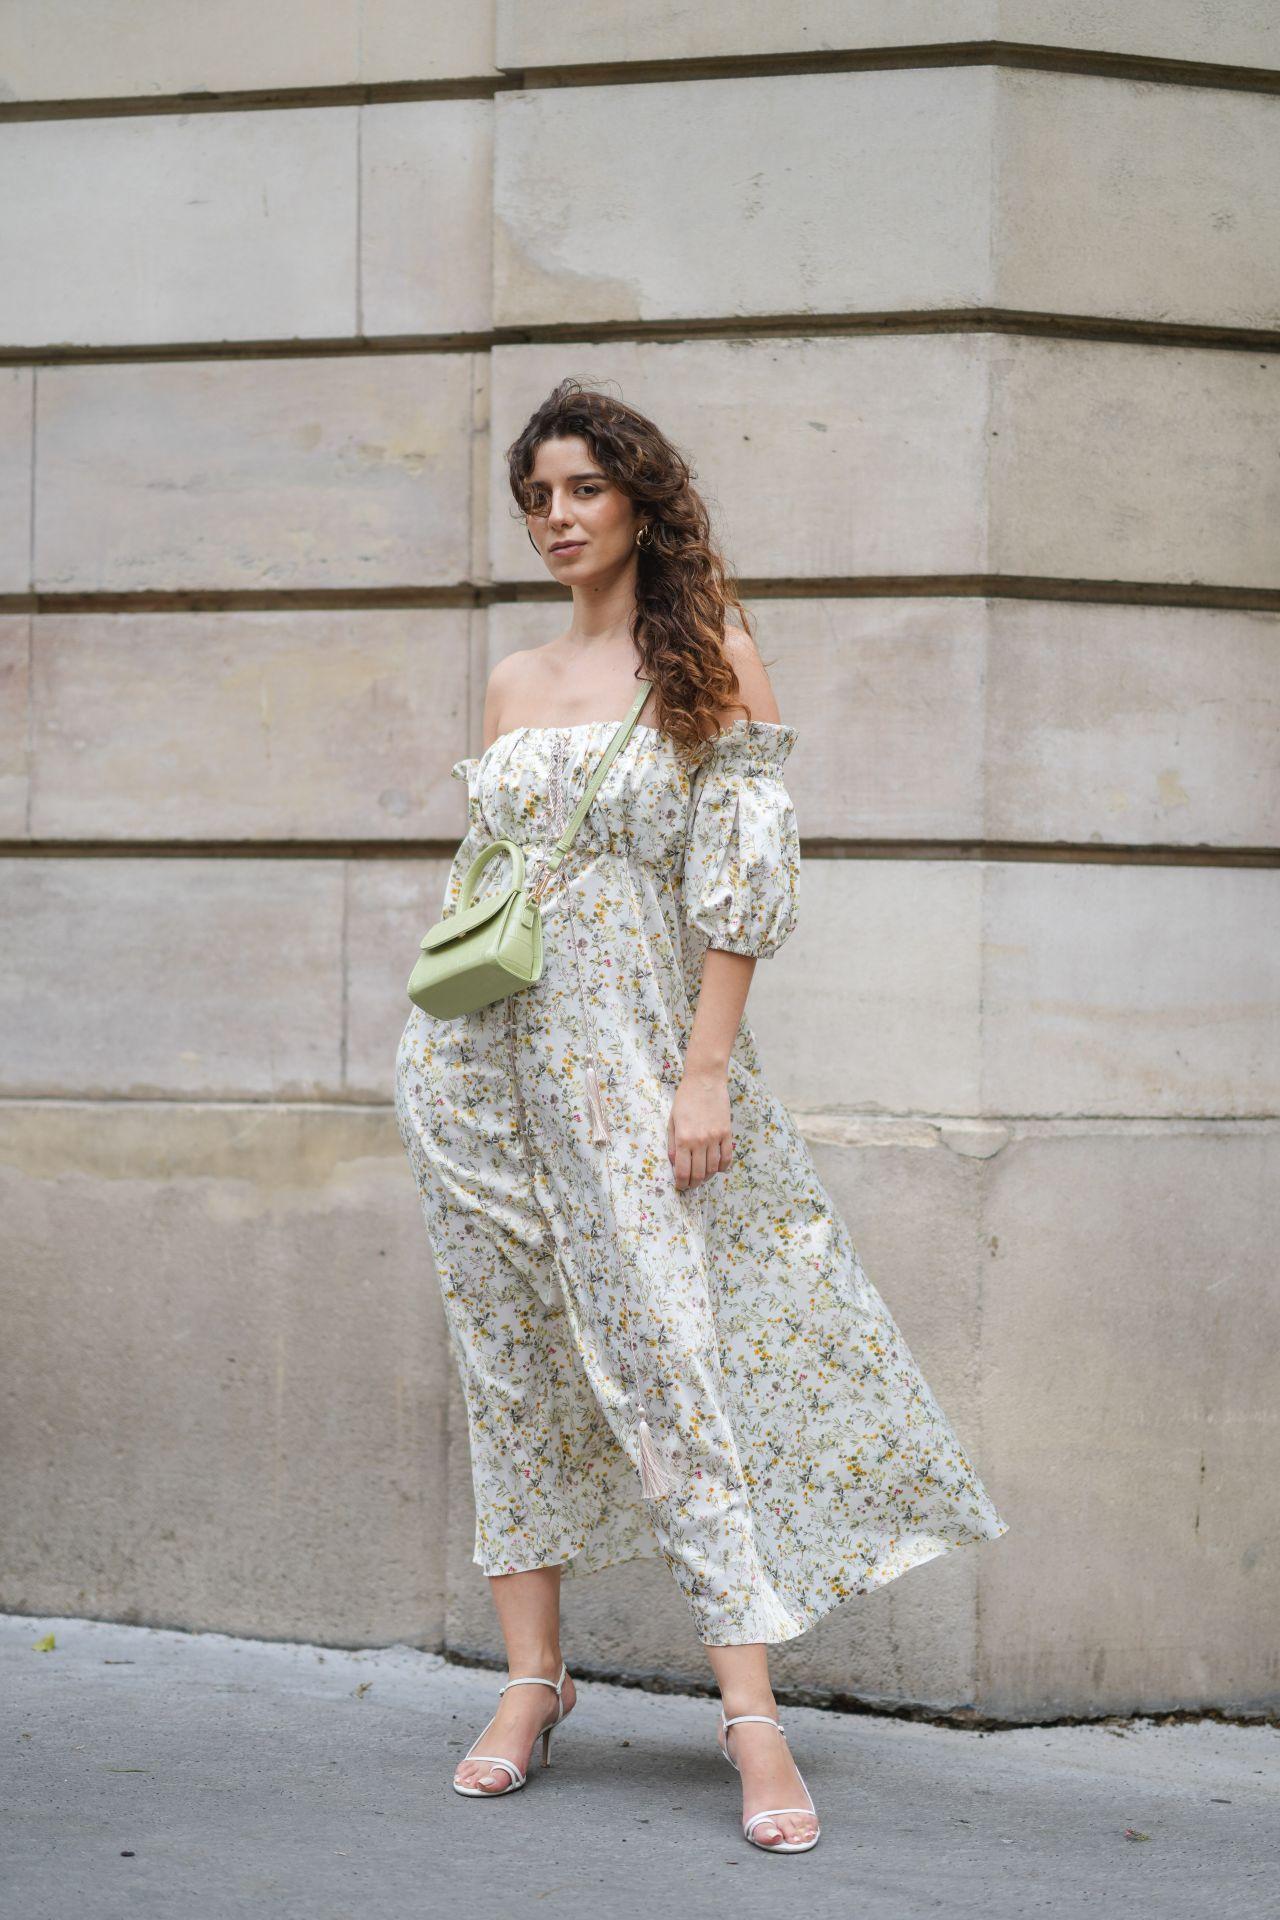 Vállrész nélküli virágos ruha - street style